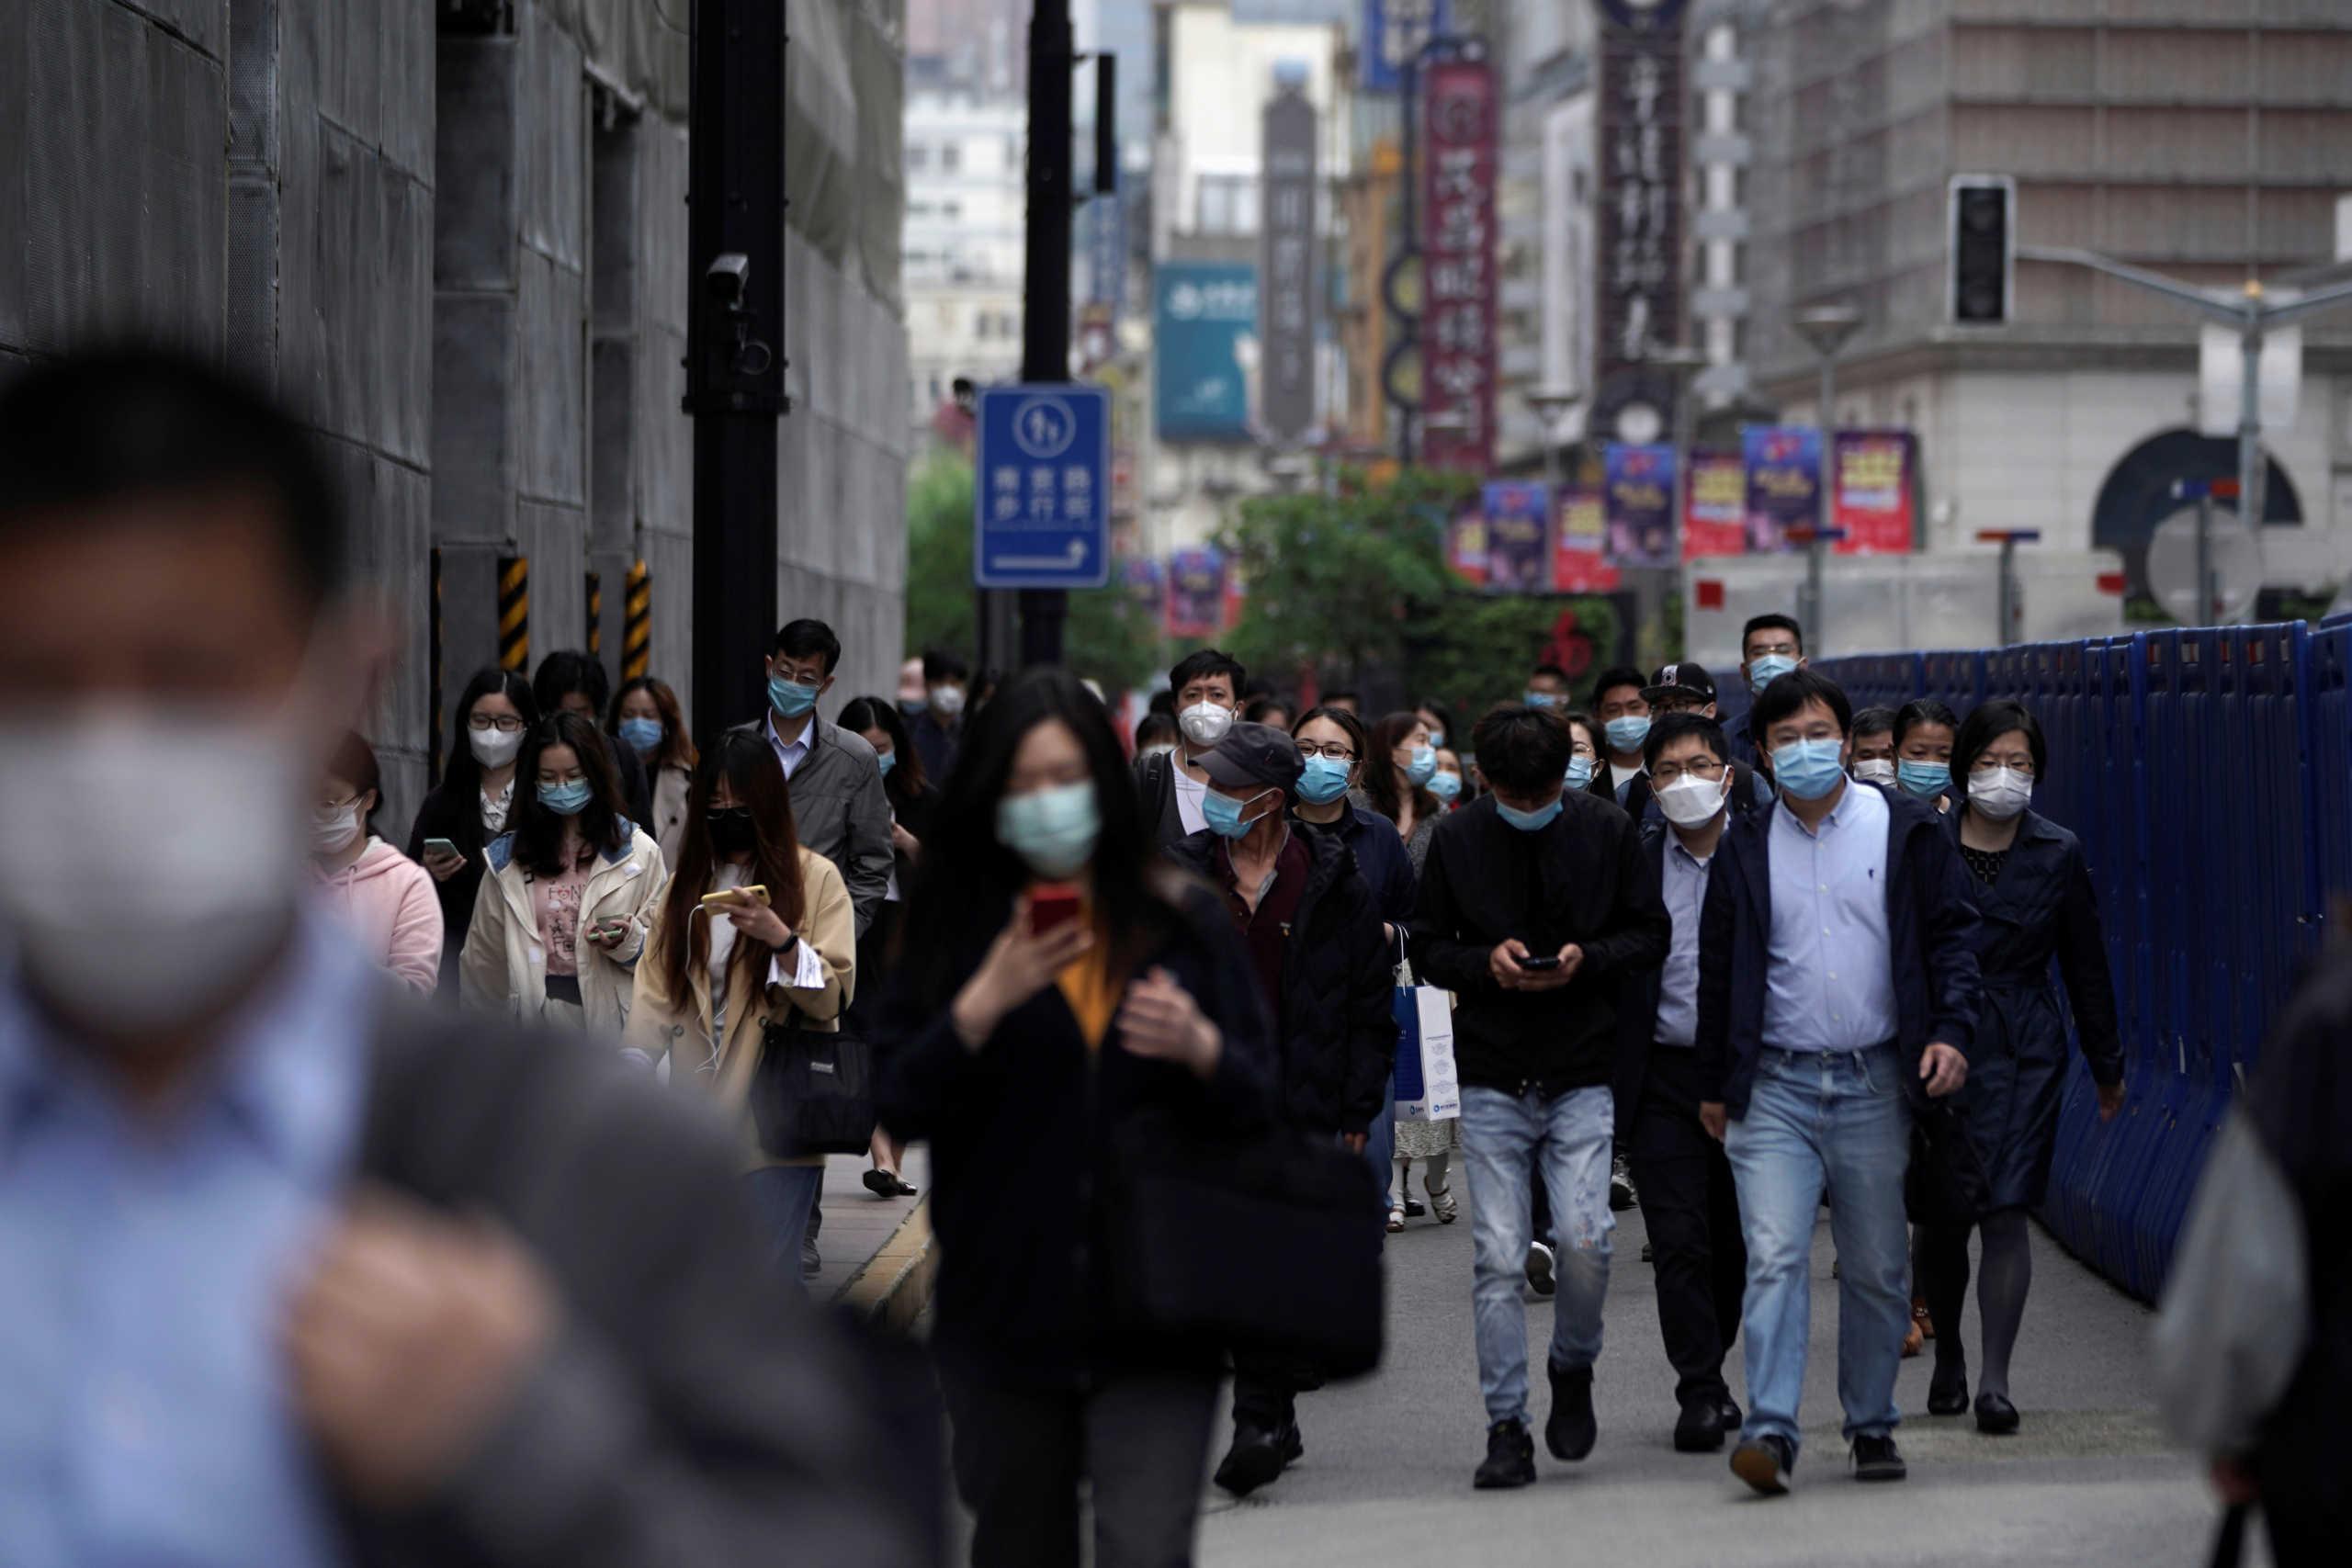 Ο κορονοϊός επιστρέφει στην Κίνα: 103 κρούσματα σε 24 ώρες – Τα περισσότερα από την 30ή Ιουλίου